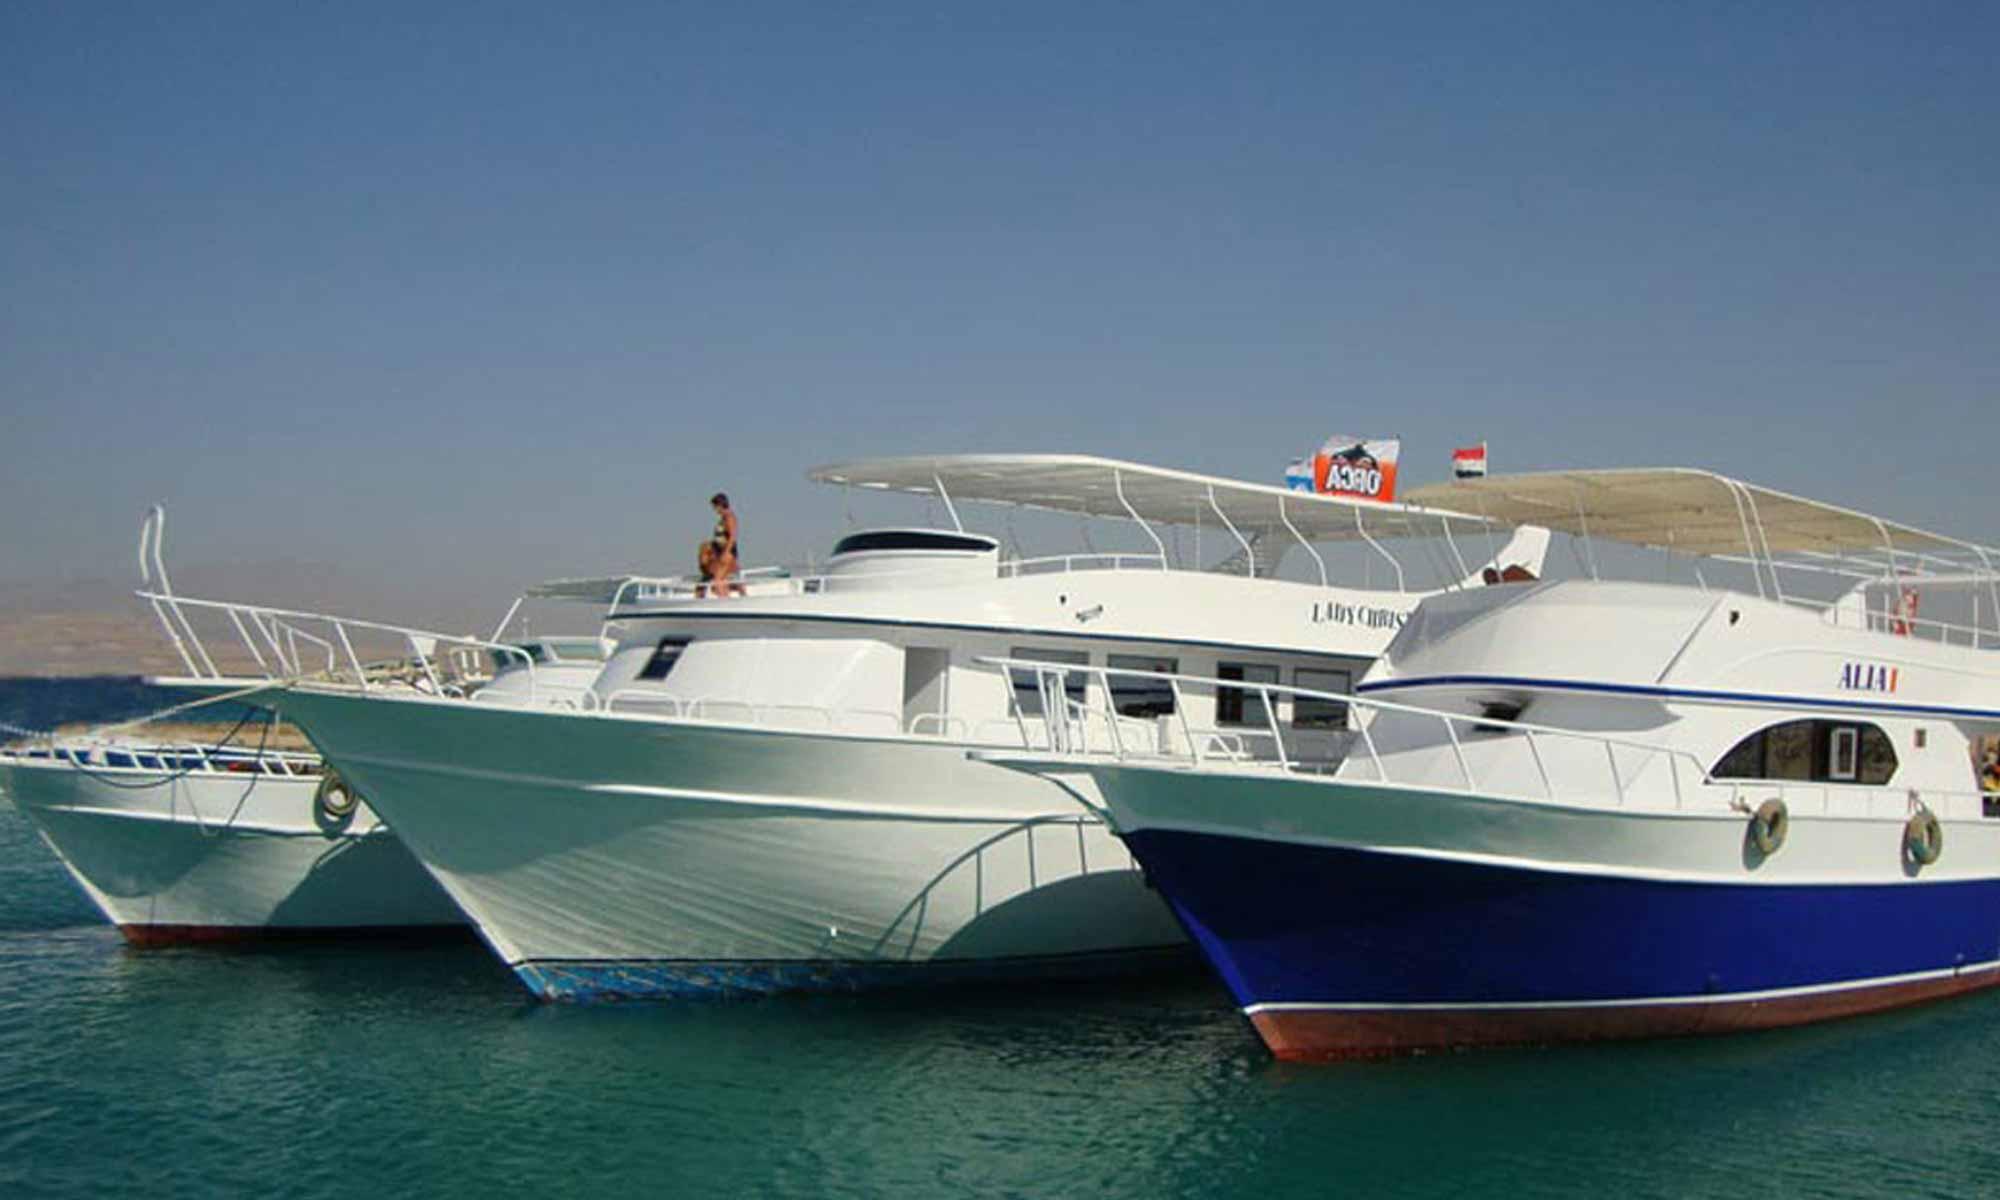 Slow Dive Rotes Meer Ägypten Orca Dive Club Soma Bay Boote 1